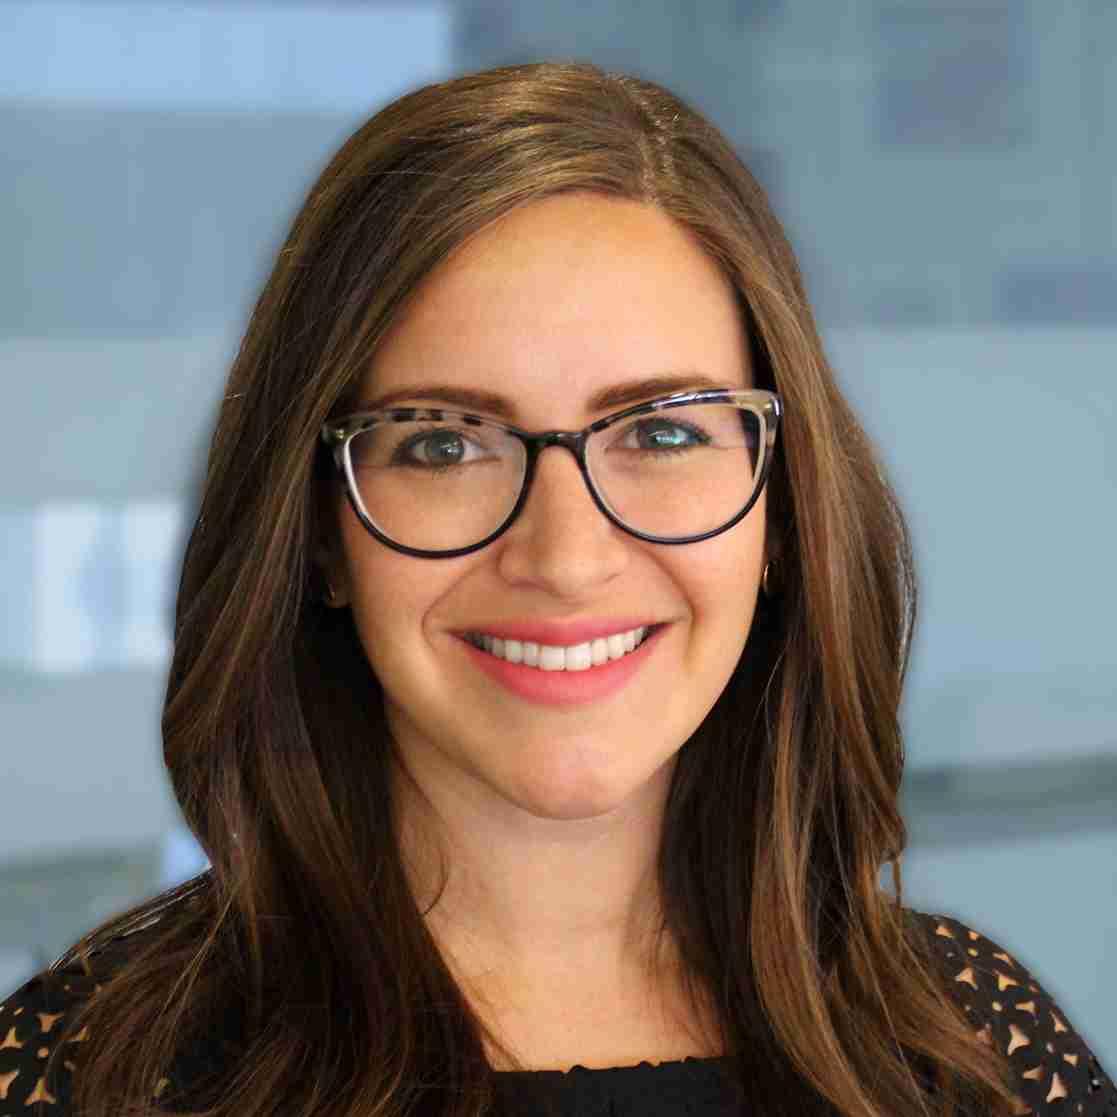 Rachel Rizzo